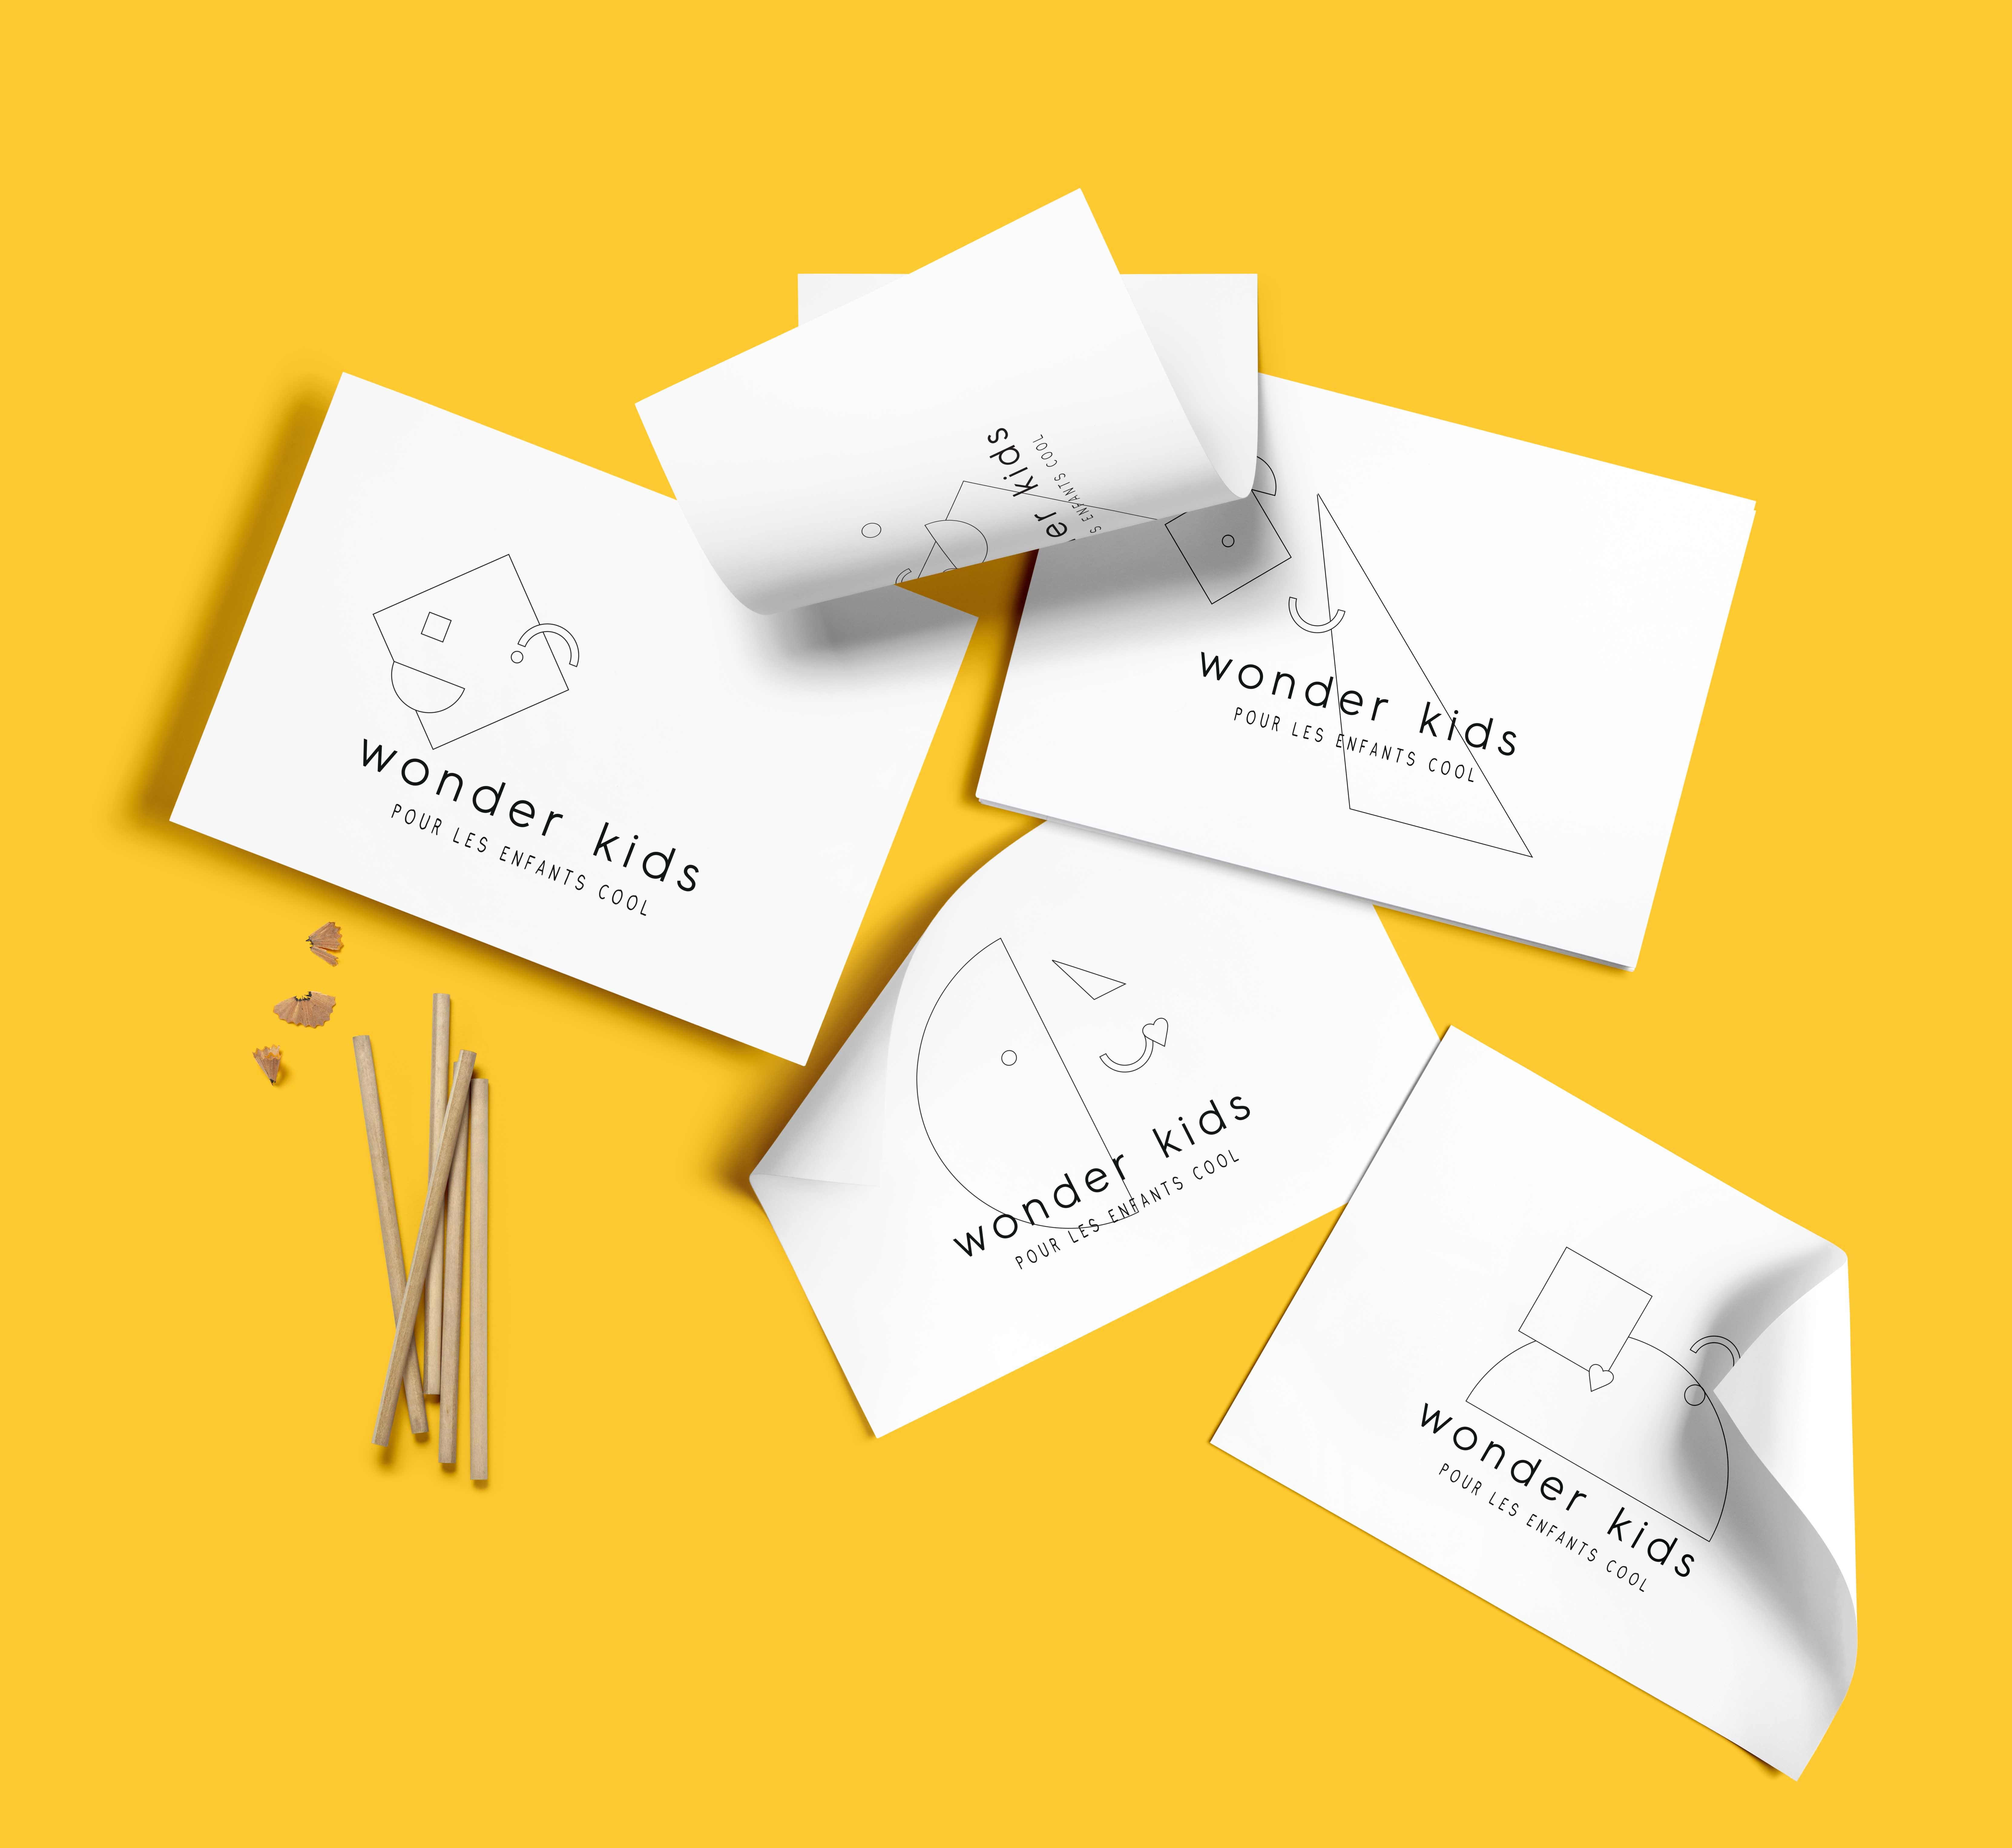 nouvelle identité graphique pour le magasin pour enfant wonderkids à Charleroi par Studio Fifty Fifty